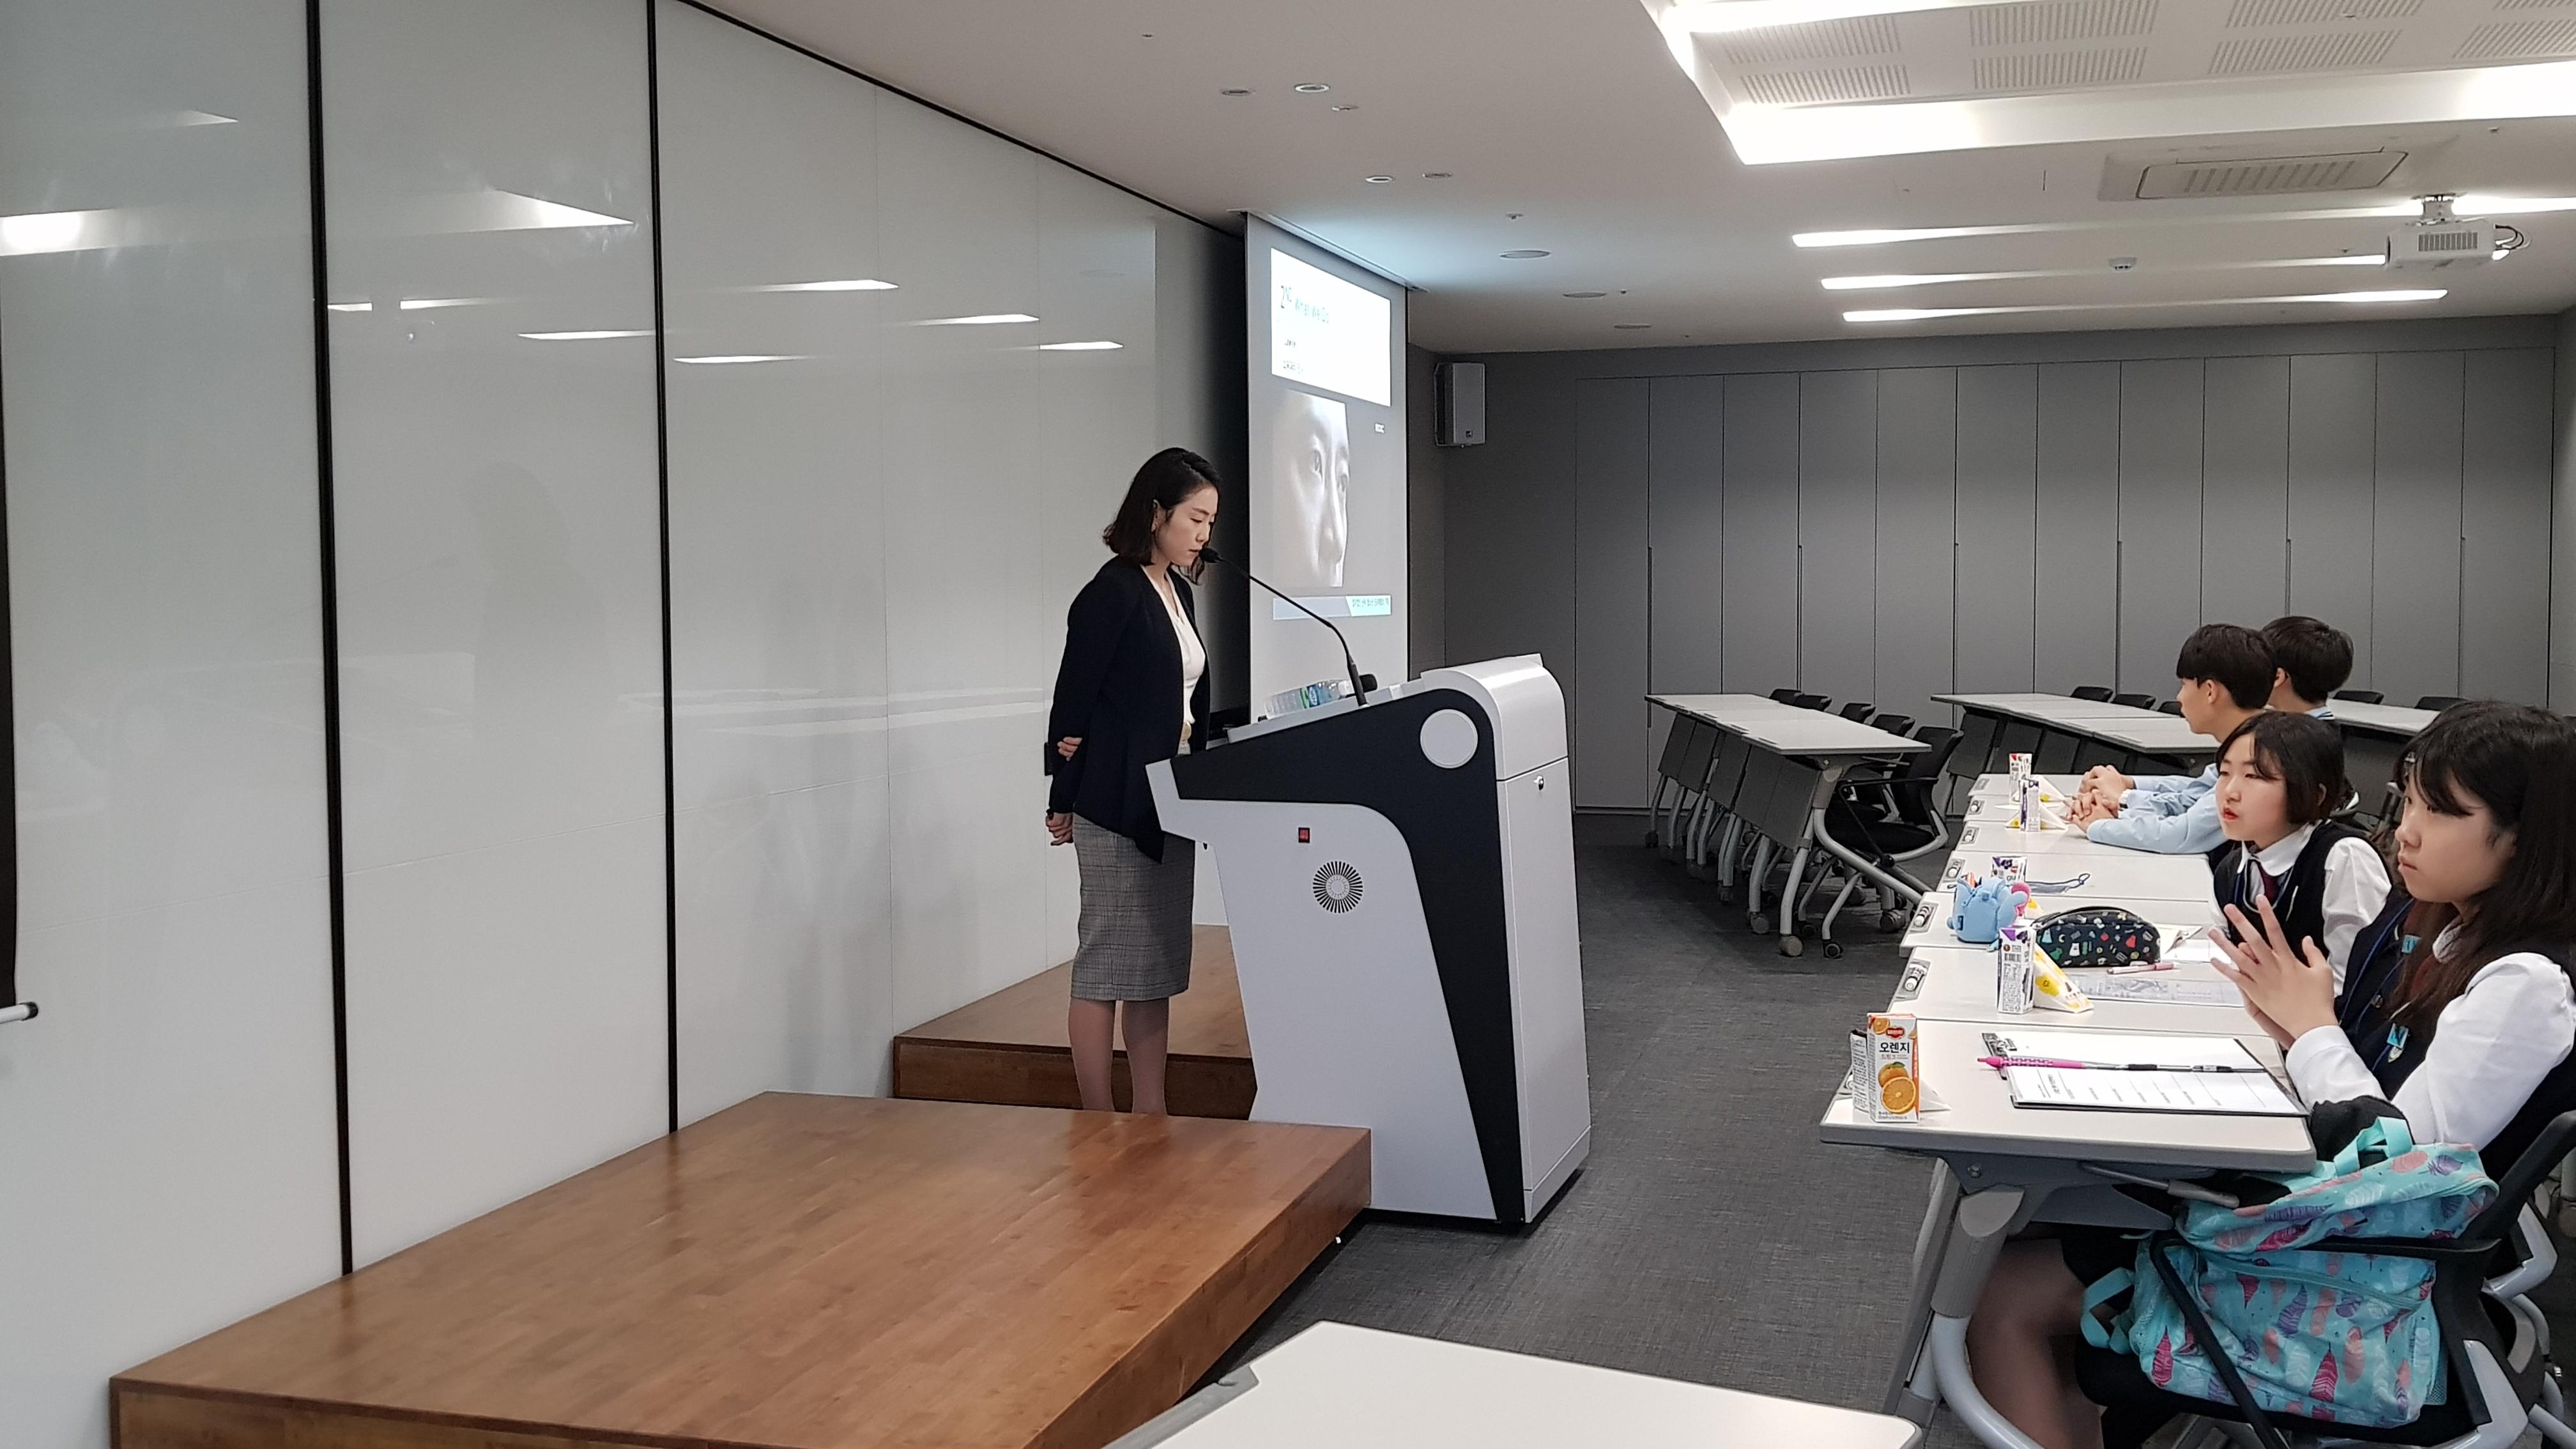 20190425 숭인중학교 현장직업체험 - 법무법인 산하 (19) (곽)